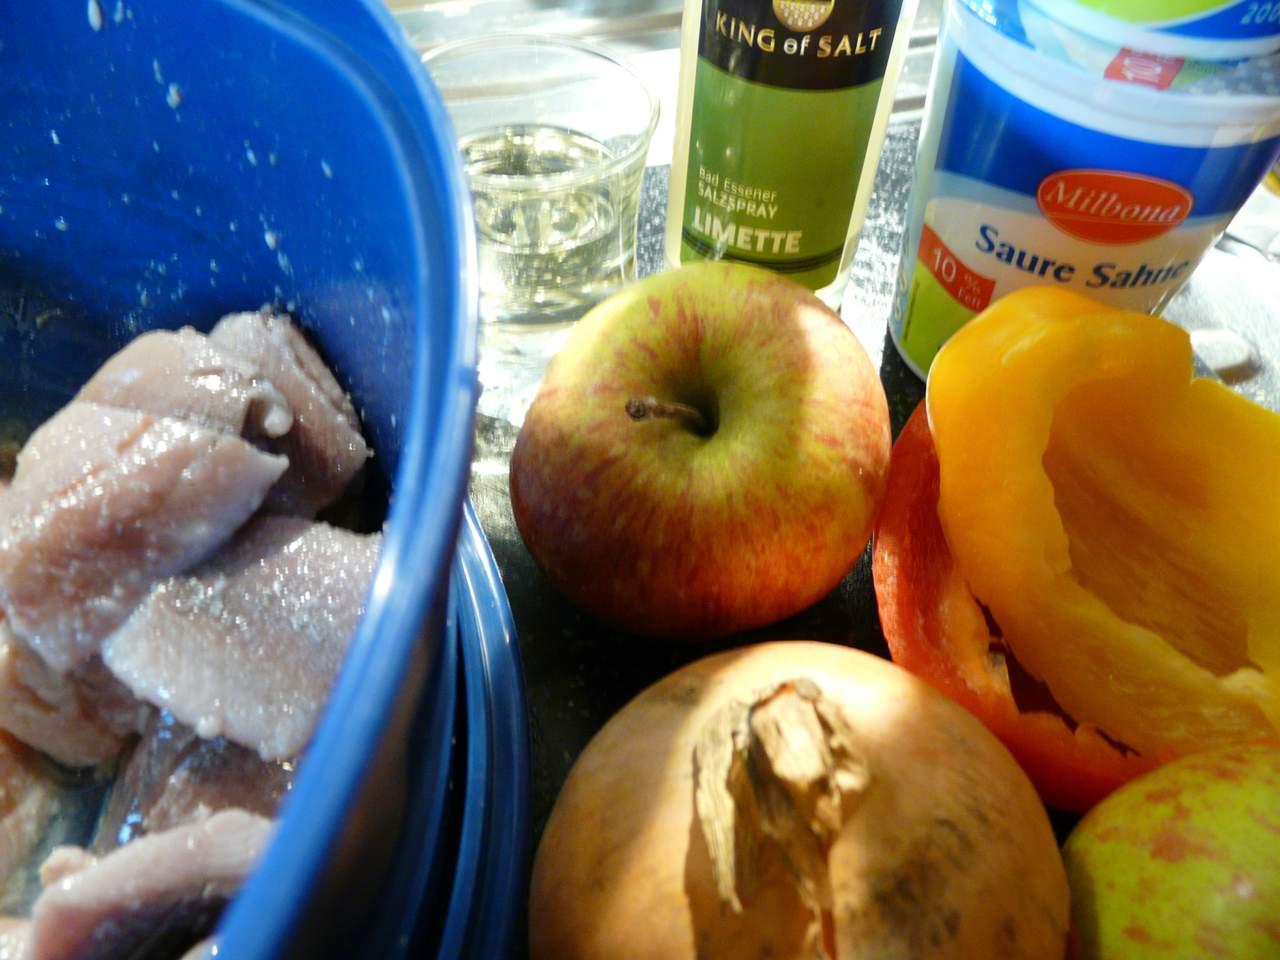 Zutaten: Matjes, Äpfel, Zwiebel, Paprika, Petersilie, Saure Sahne und Sahne, Zitronensaft, Essig, Zucker